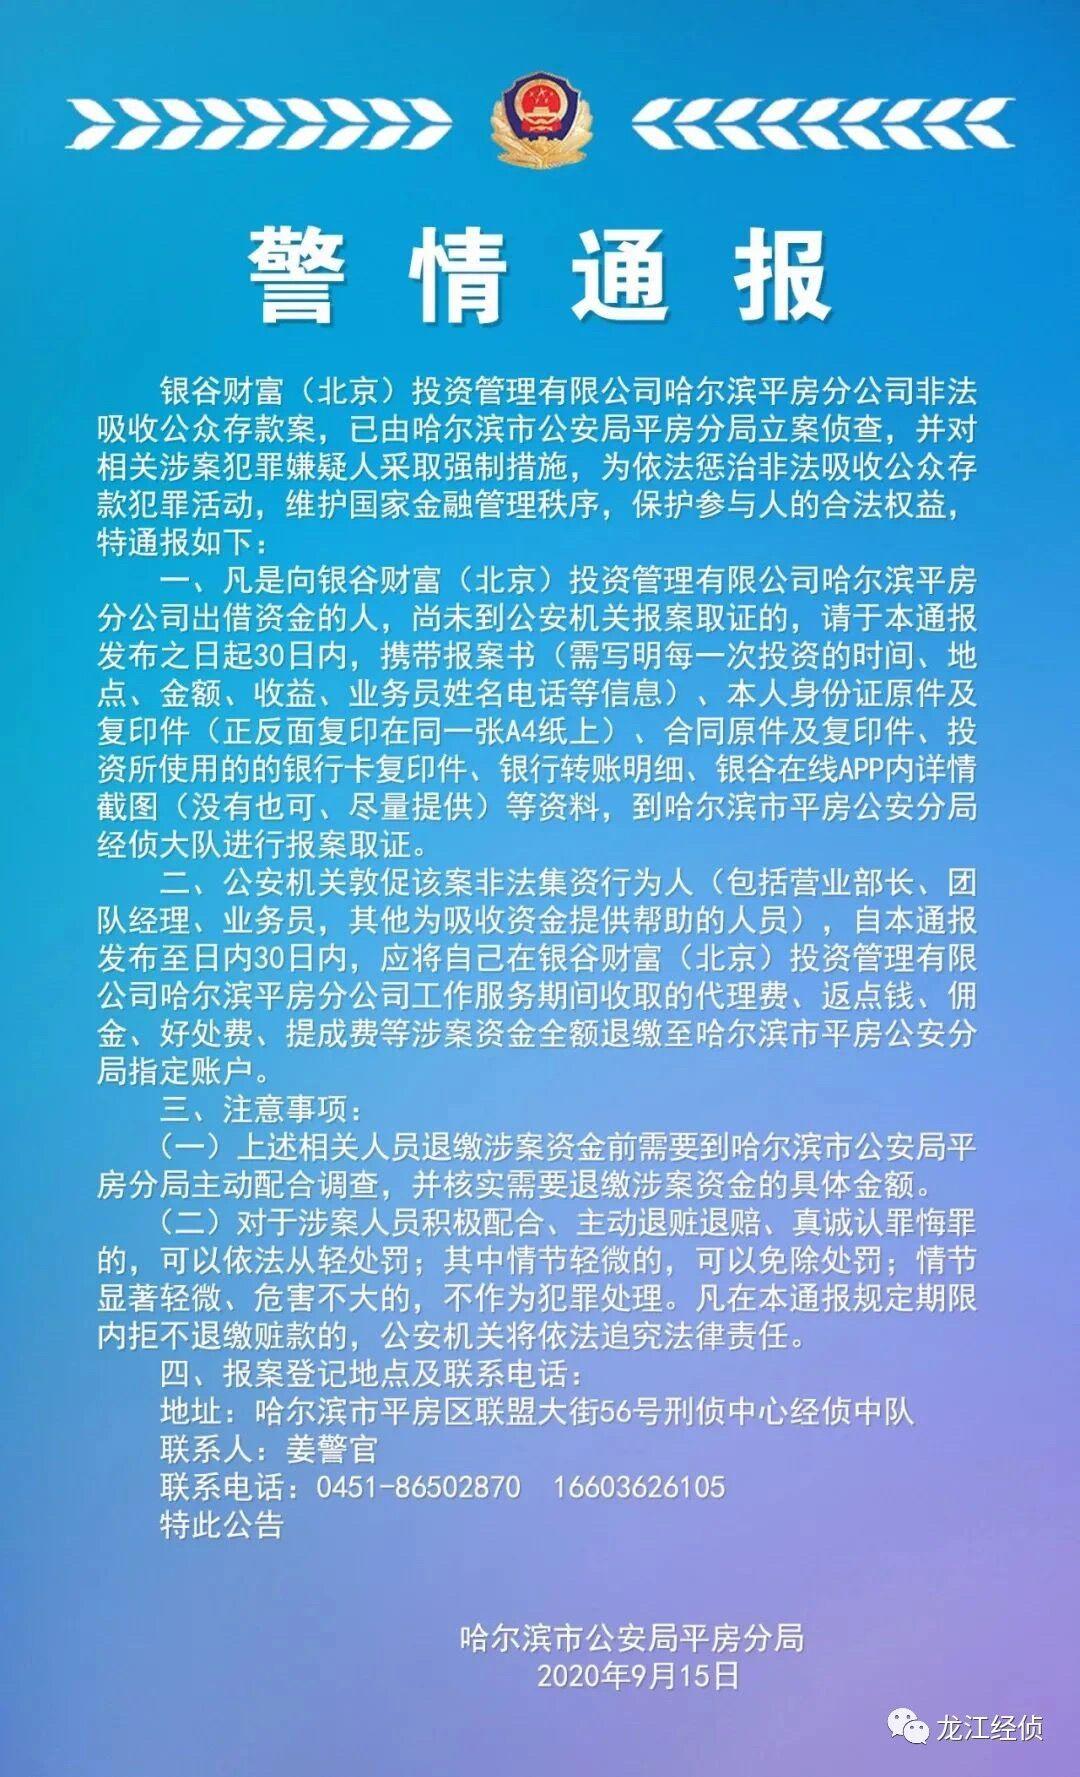 银谷财富哈尔滨一分公司被立案:相关涉案人采取强制措施